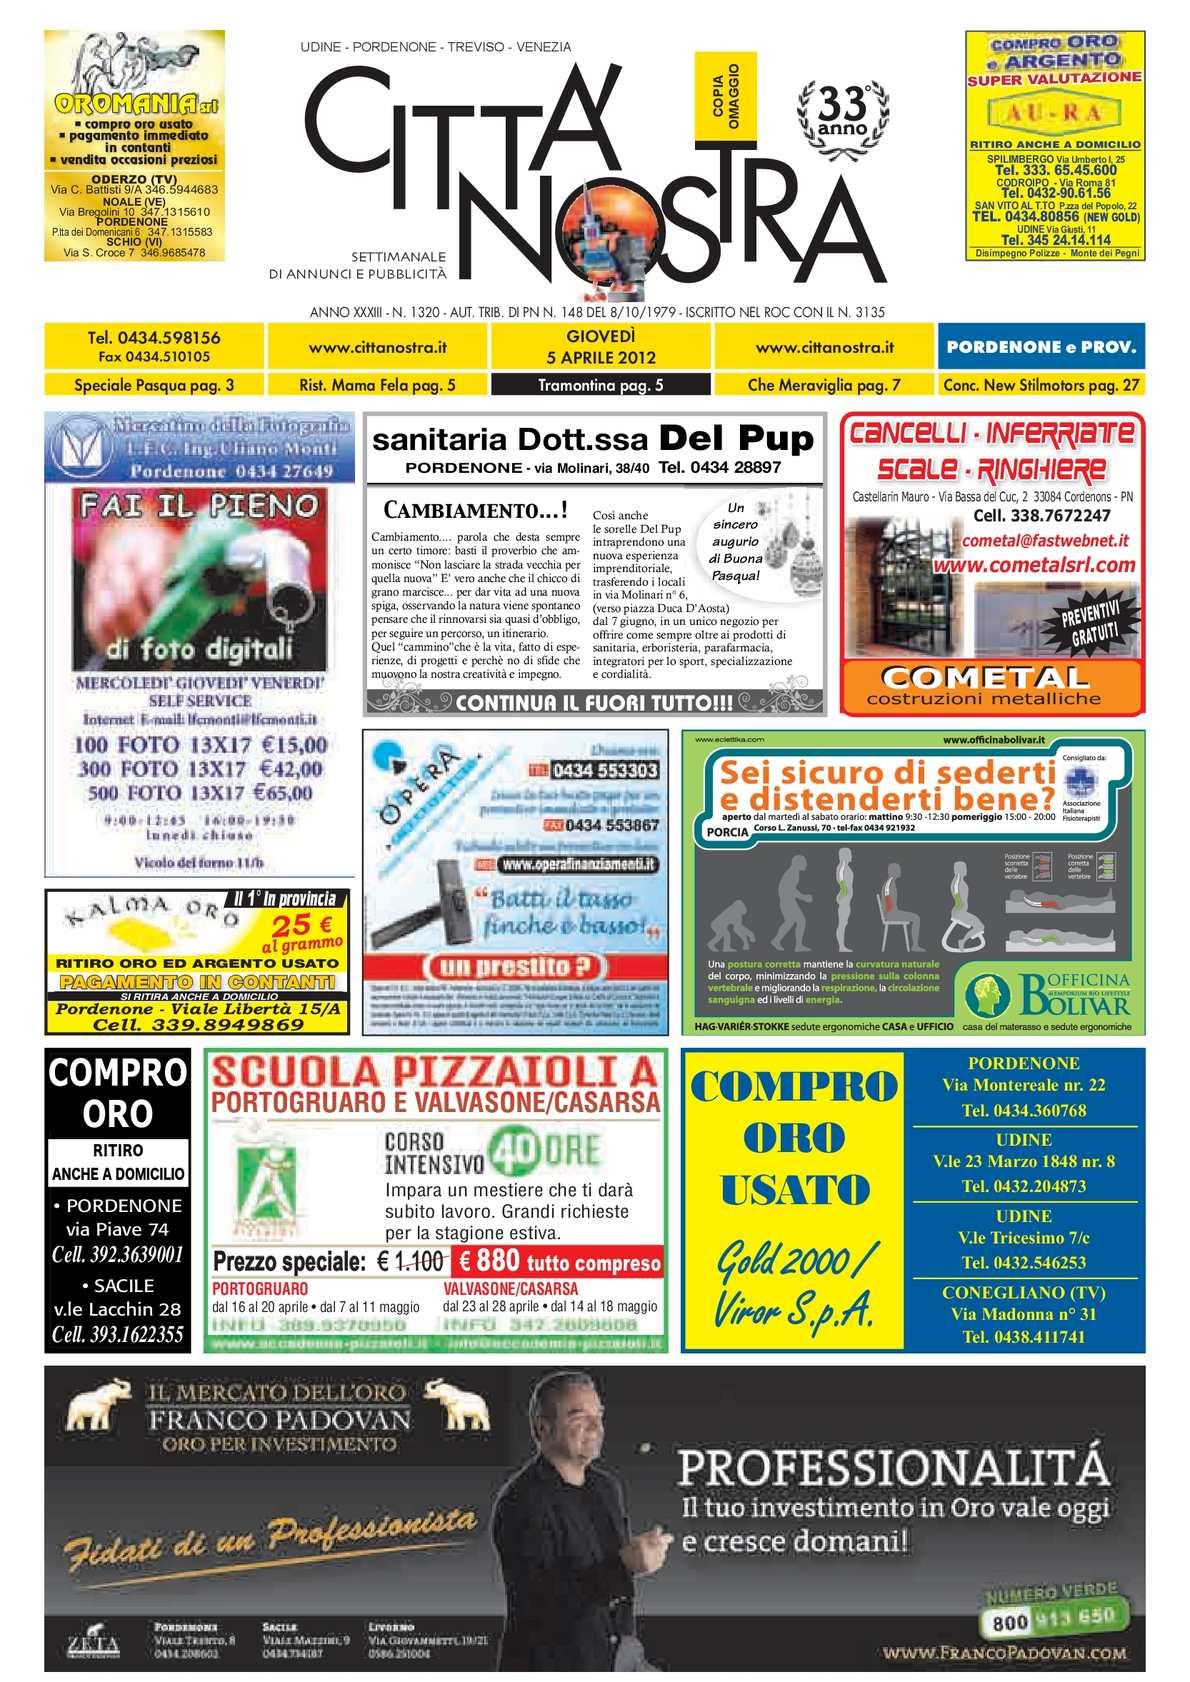 707b730591fb94 Calaméo - Città Nostra Pordenone del 05.04.2012 n. 1320